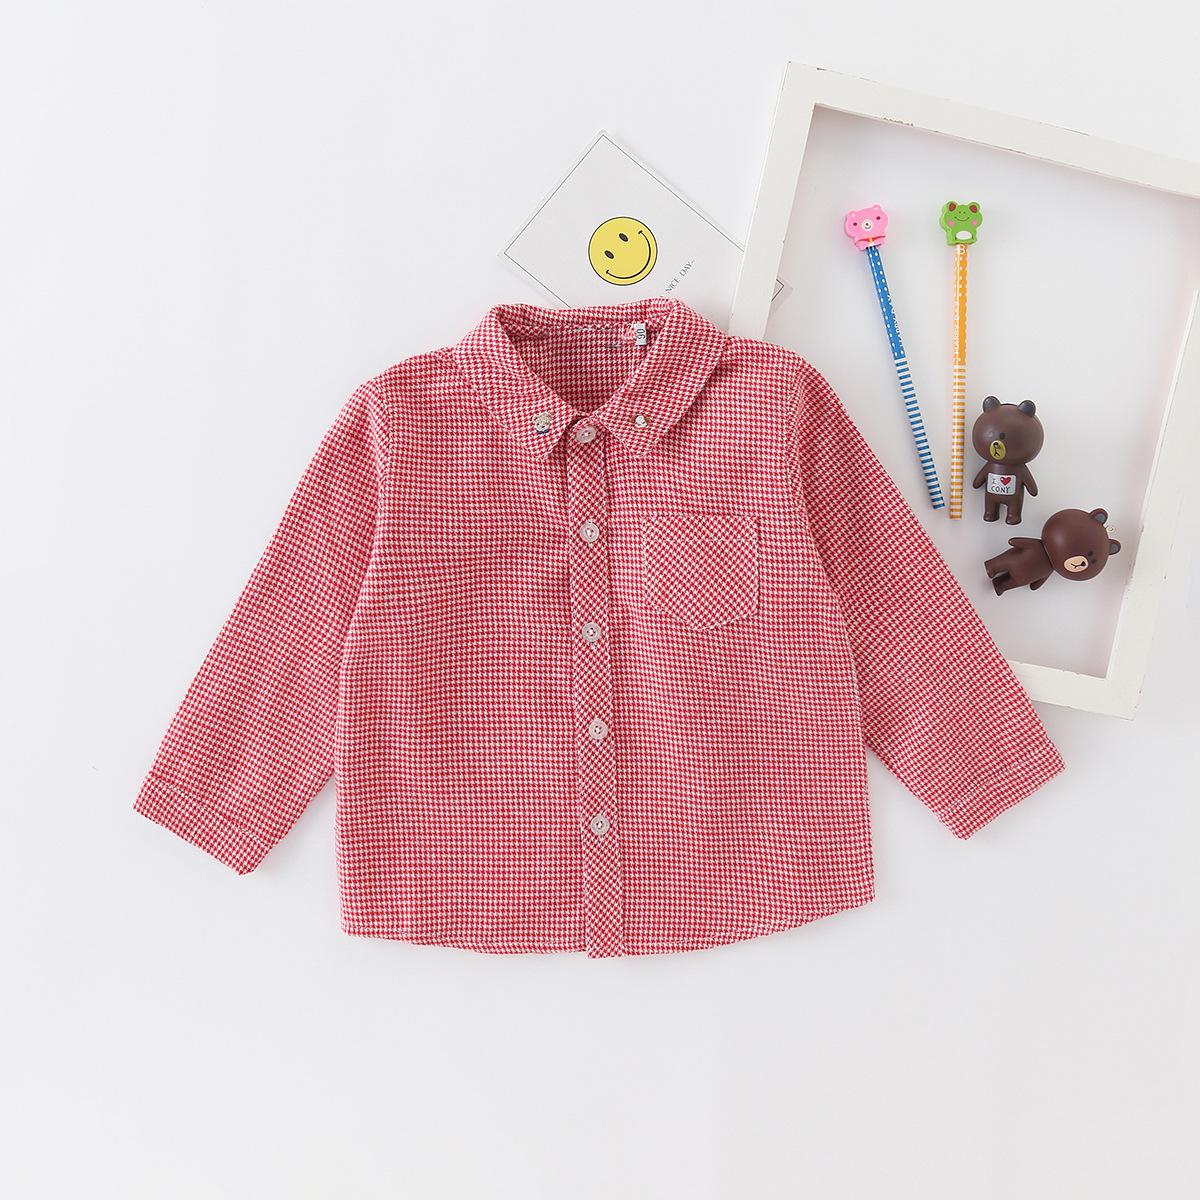 Smallcoco Áo Sơ-mi trẻ em 2020 xuân mới F nhà cotton kẻ sọc nam nữ áo sơ mi dài tay trẻ em áo thêu t